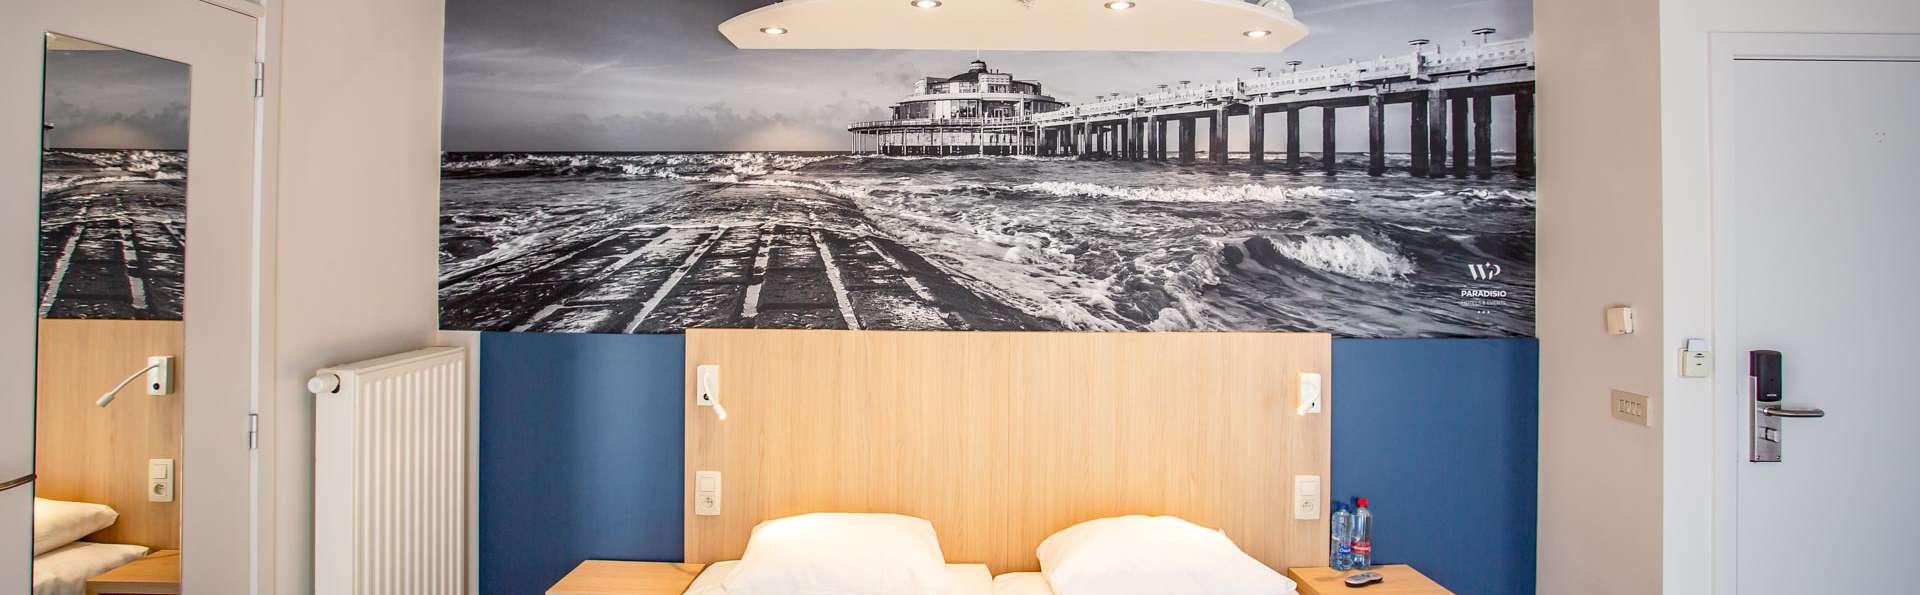 Profitez du confort dans un hôtel entièrement rénové à Blankenberge